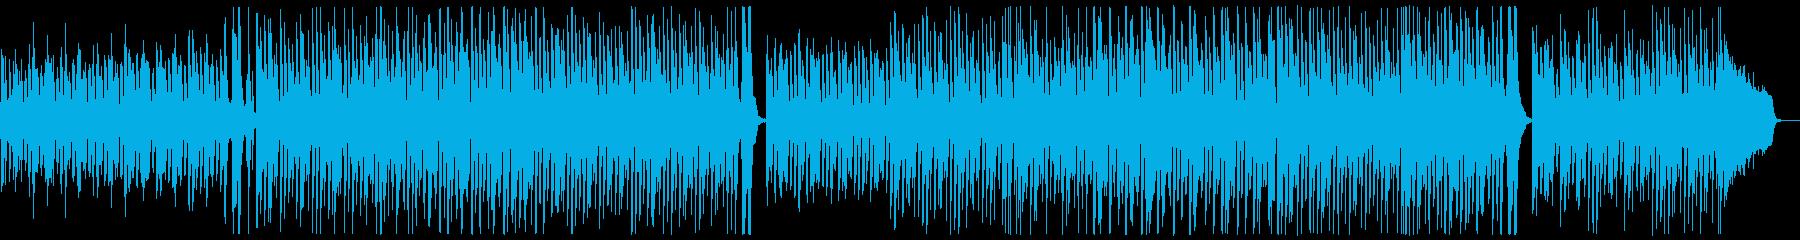 ポップピアノレクリエーション:メロディ無の再生済みの波形